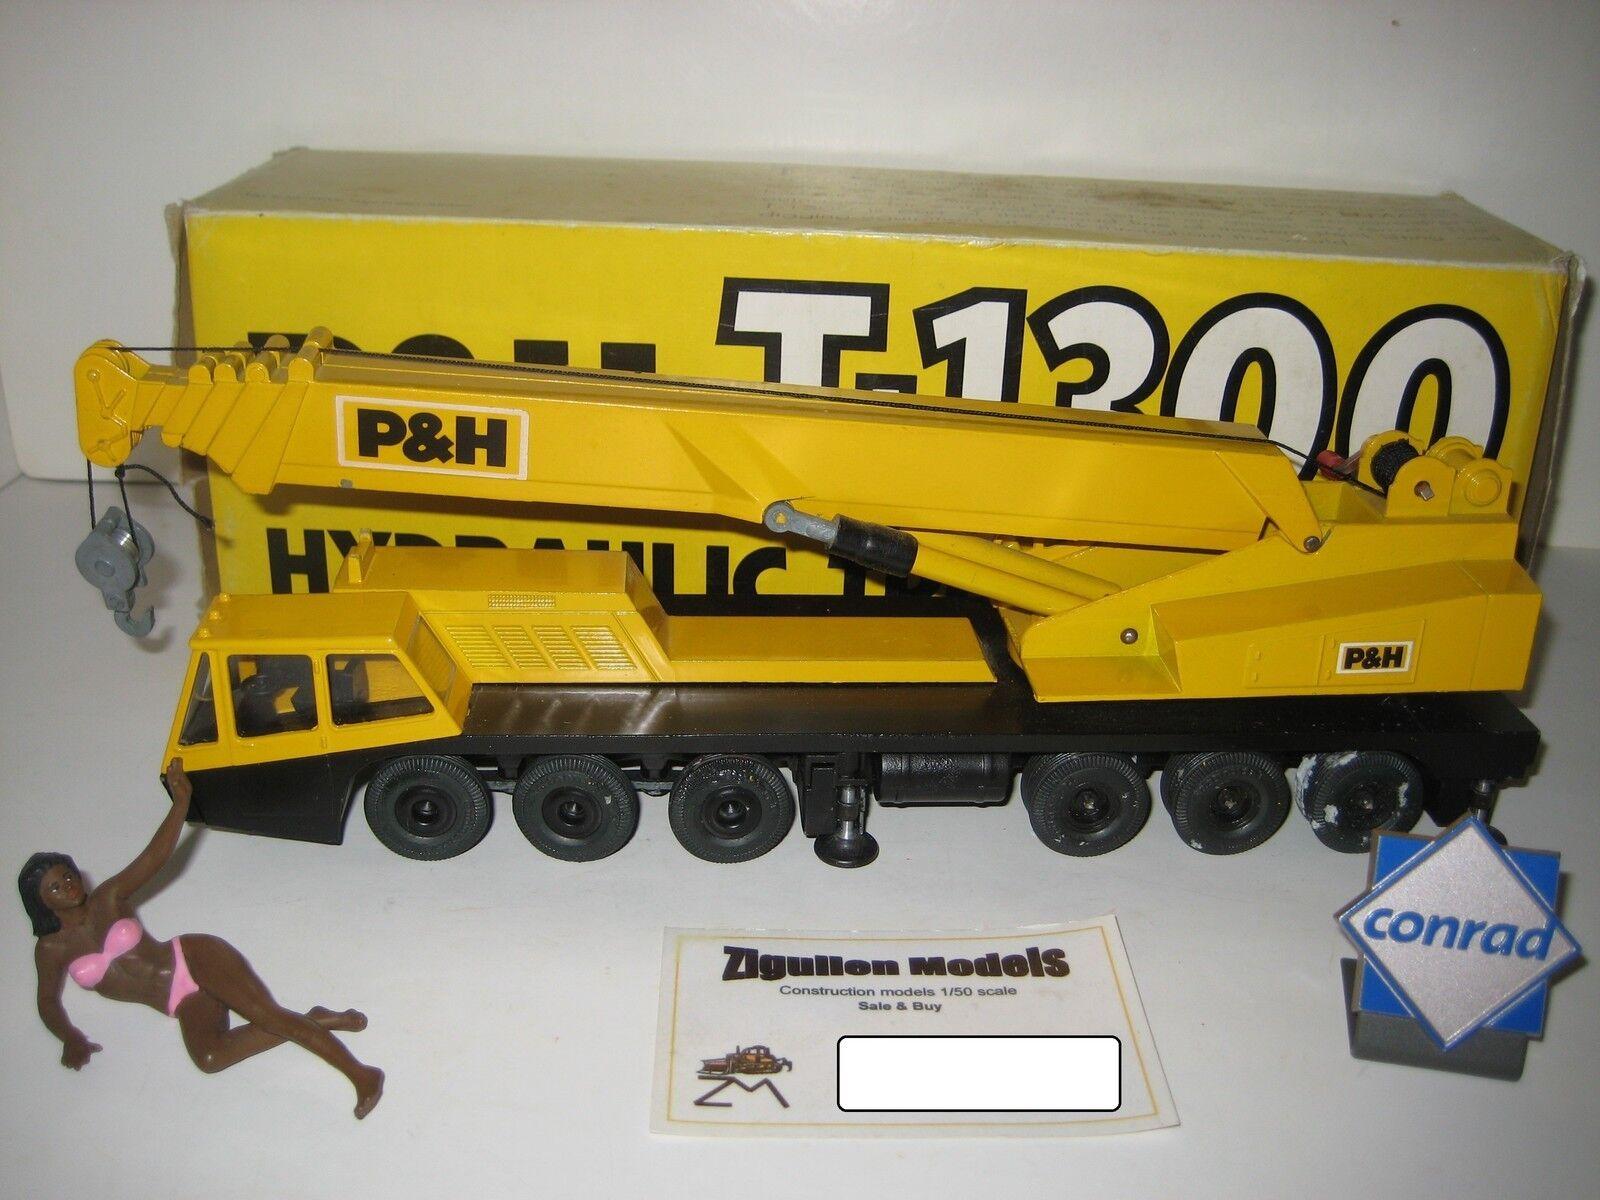 P&h t-1300 Autokran métal jantes  3071.2 d'1 50 Neuf Dans Sa Boîte